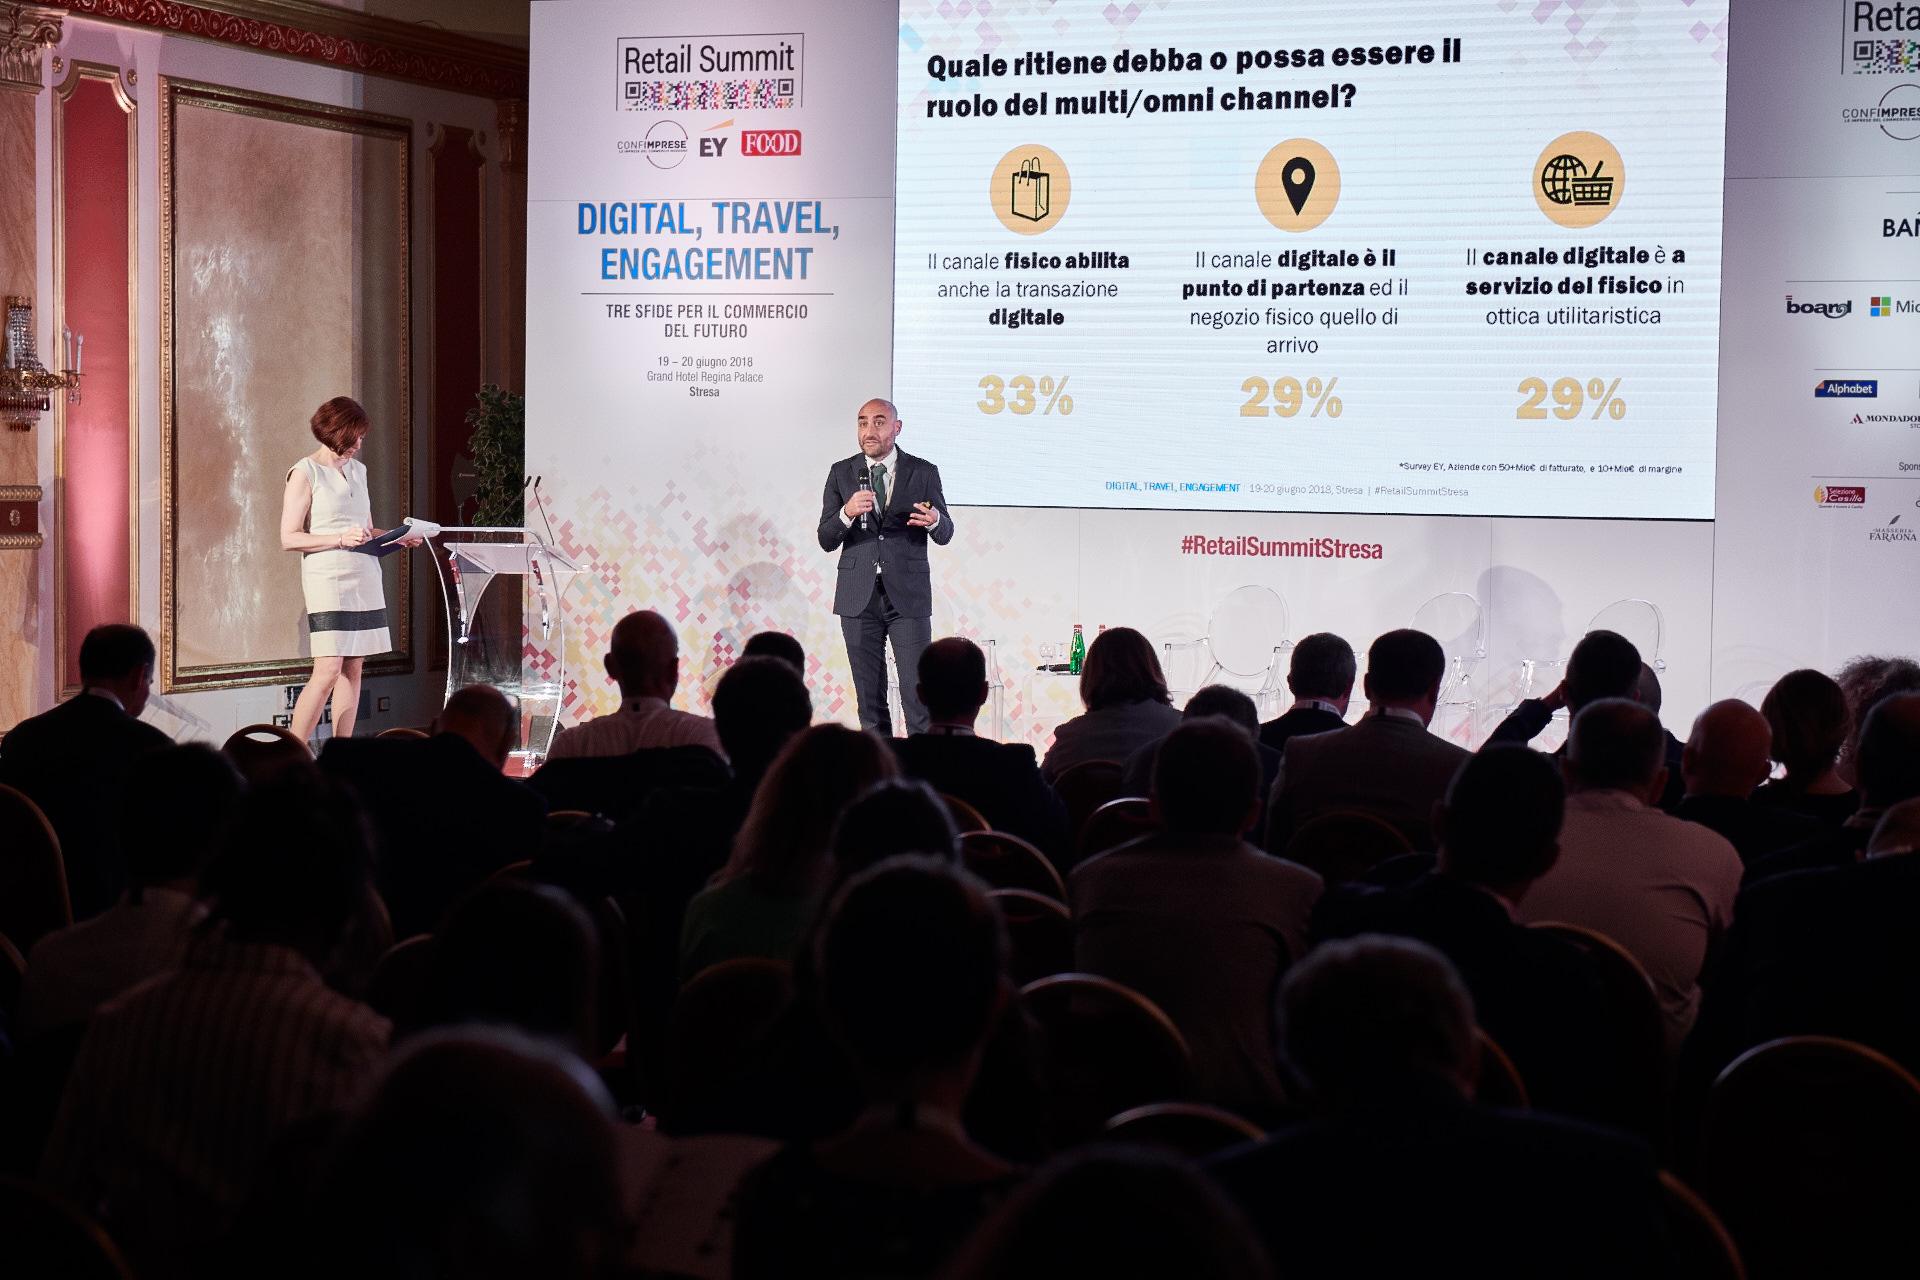 Retail Summit 2018_DSC7710